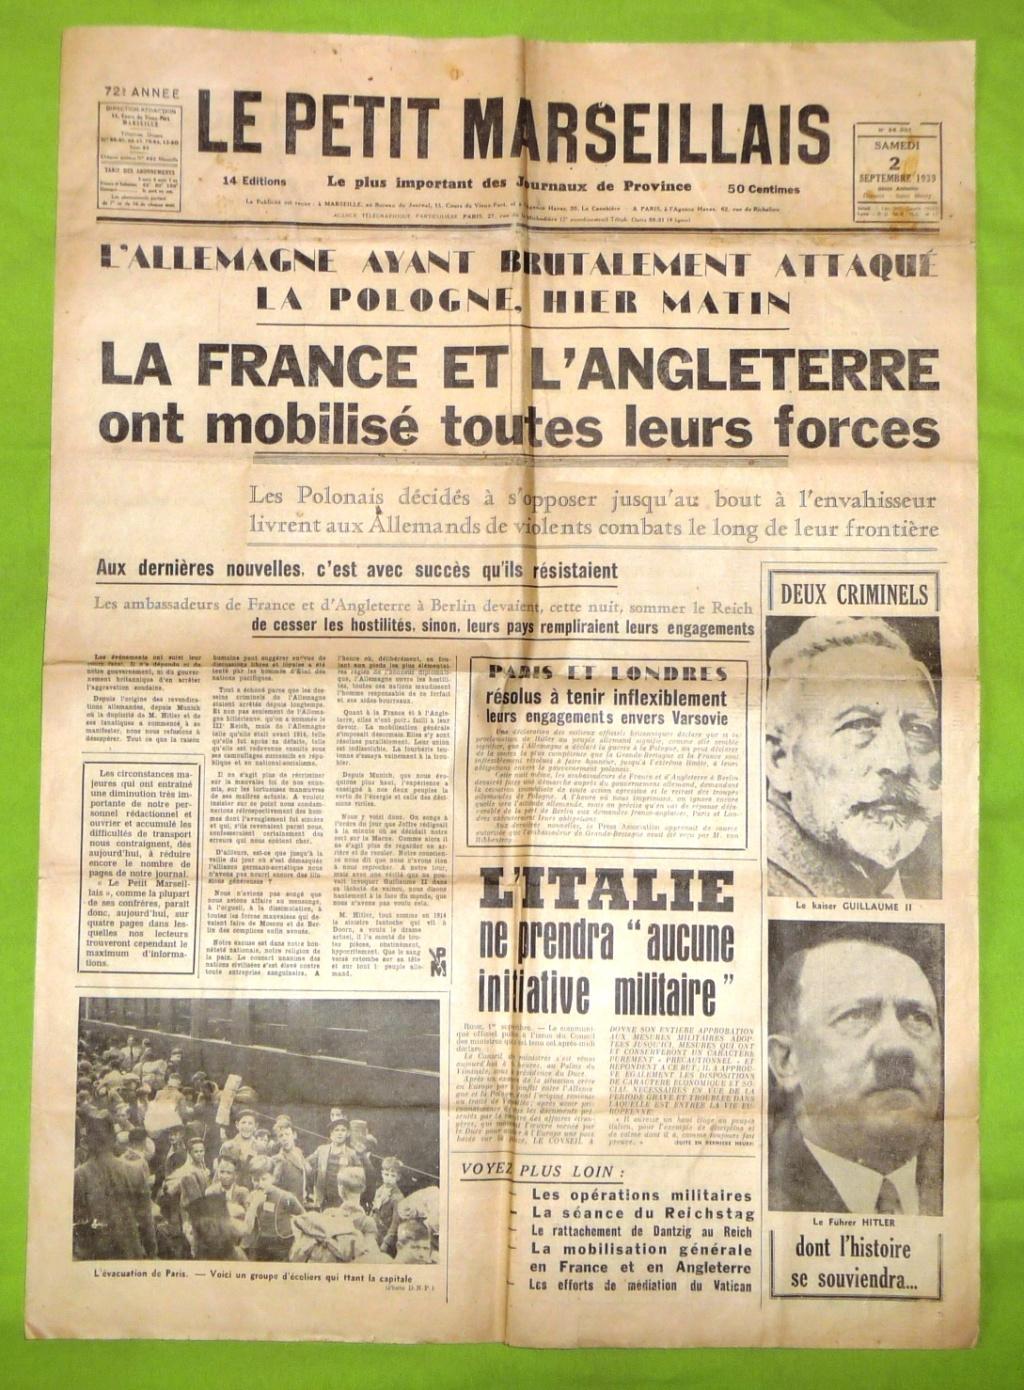 Mai-septembre 1945 : les journaux de la fin de la Seconde Guerre mondiale 2_sept10